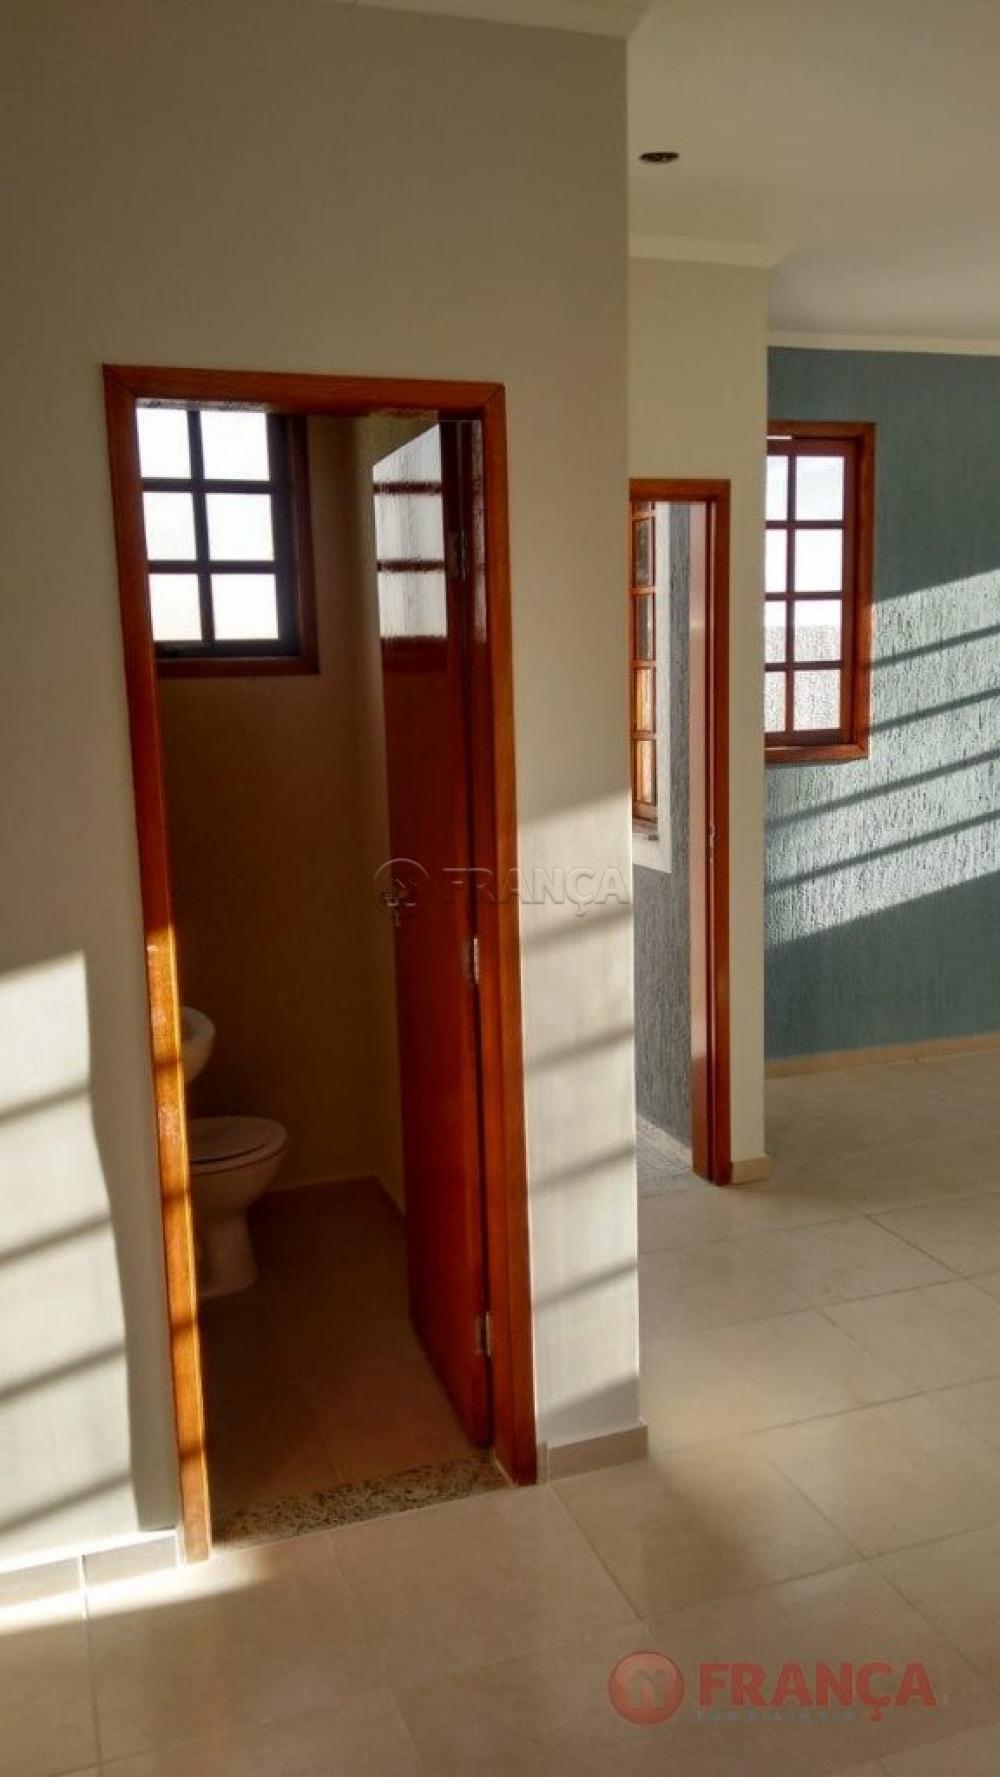 Comprar Casa / Padrão em Jacareí apenas R$ 265.000,00 - Foto 35